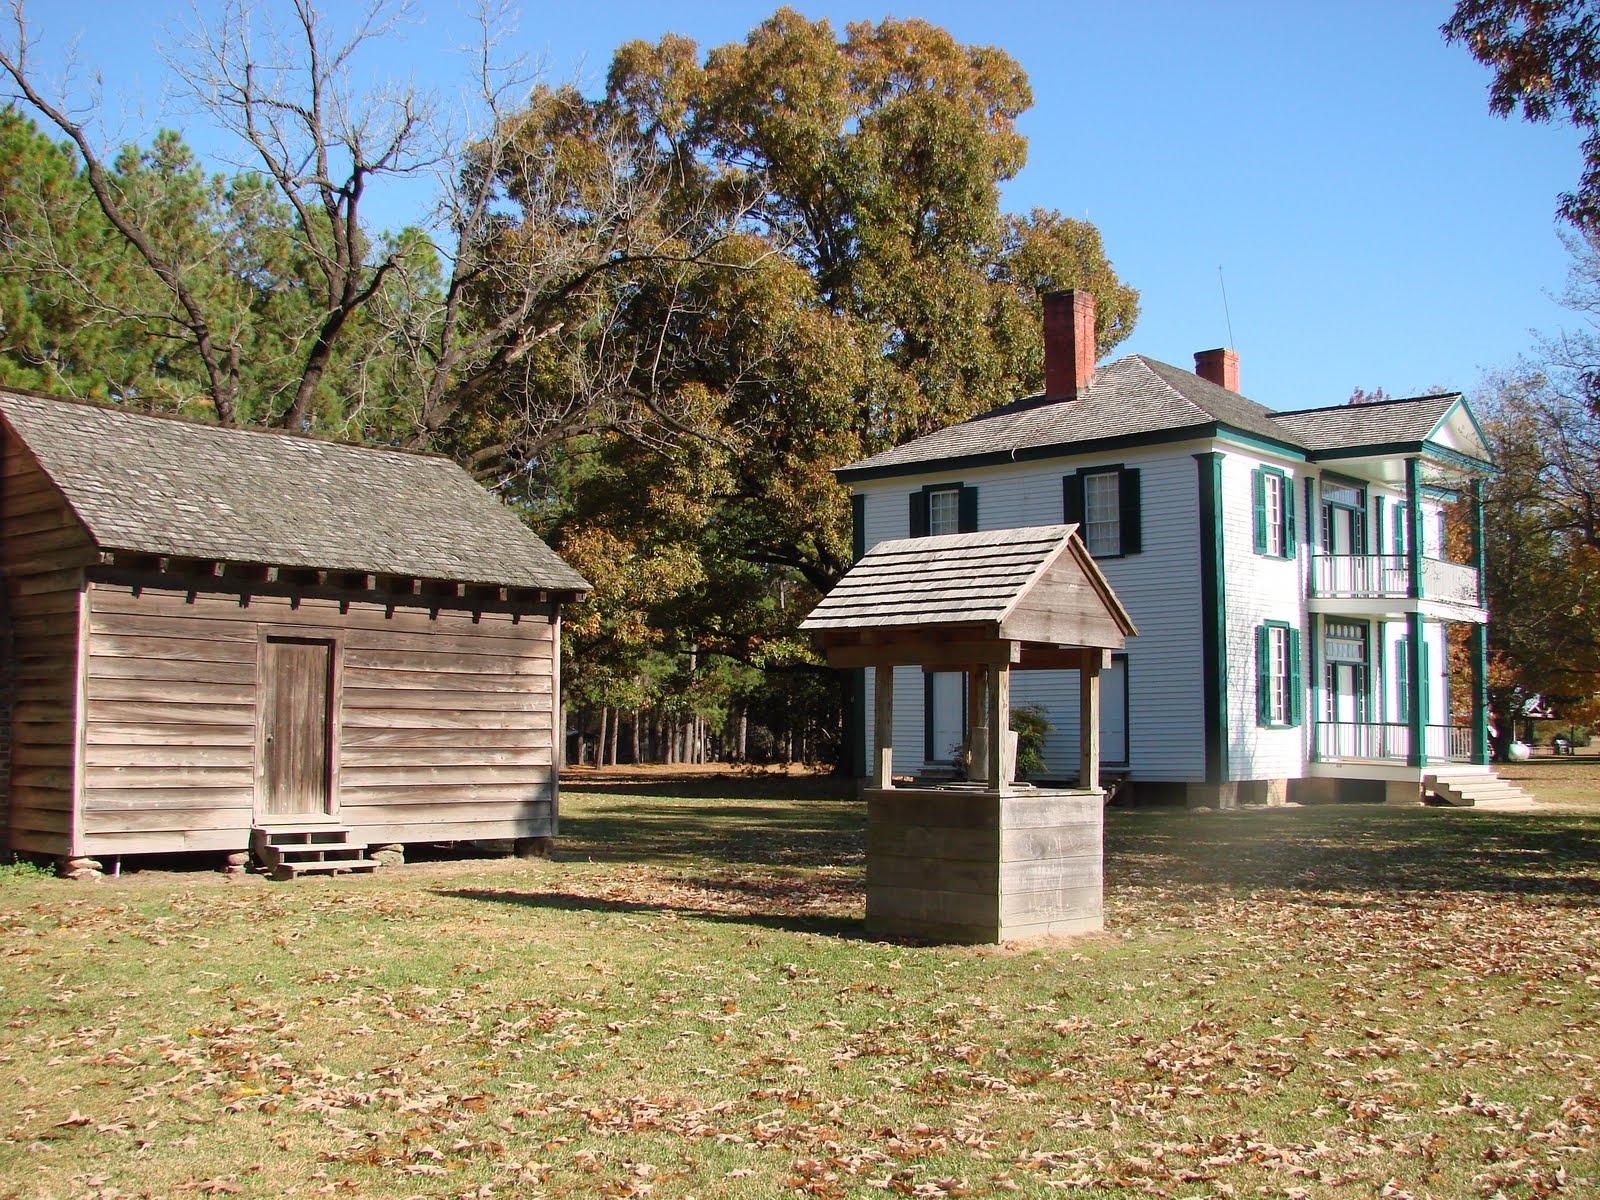 Bentonville Battlefield Ghosts Bentonville Ghosts